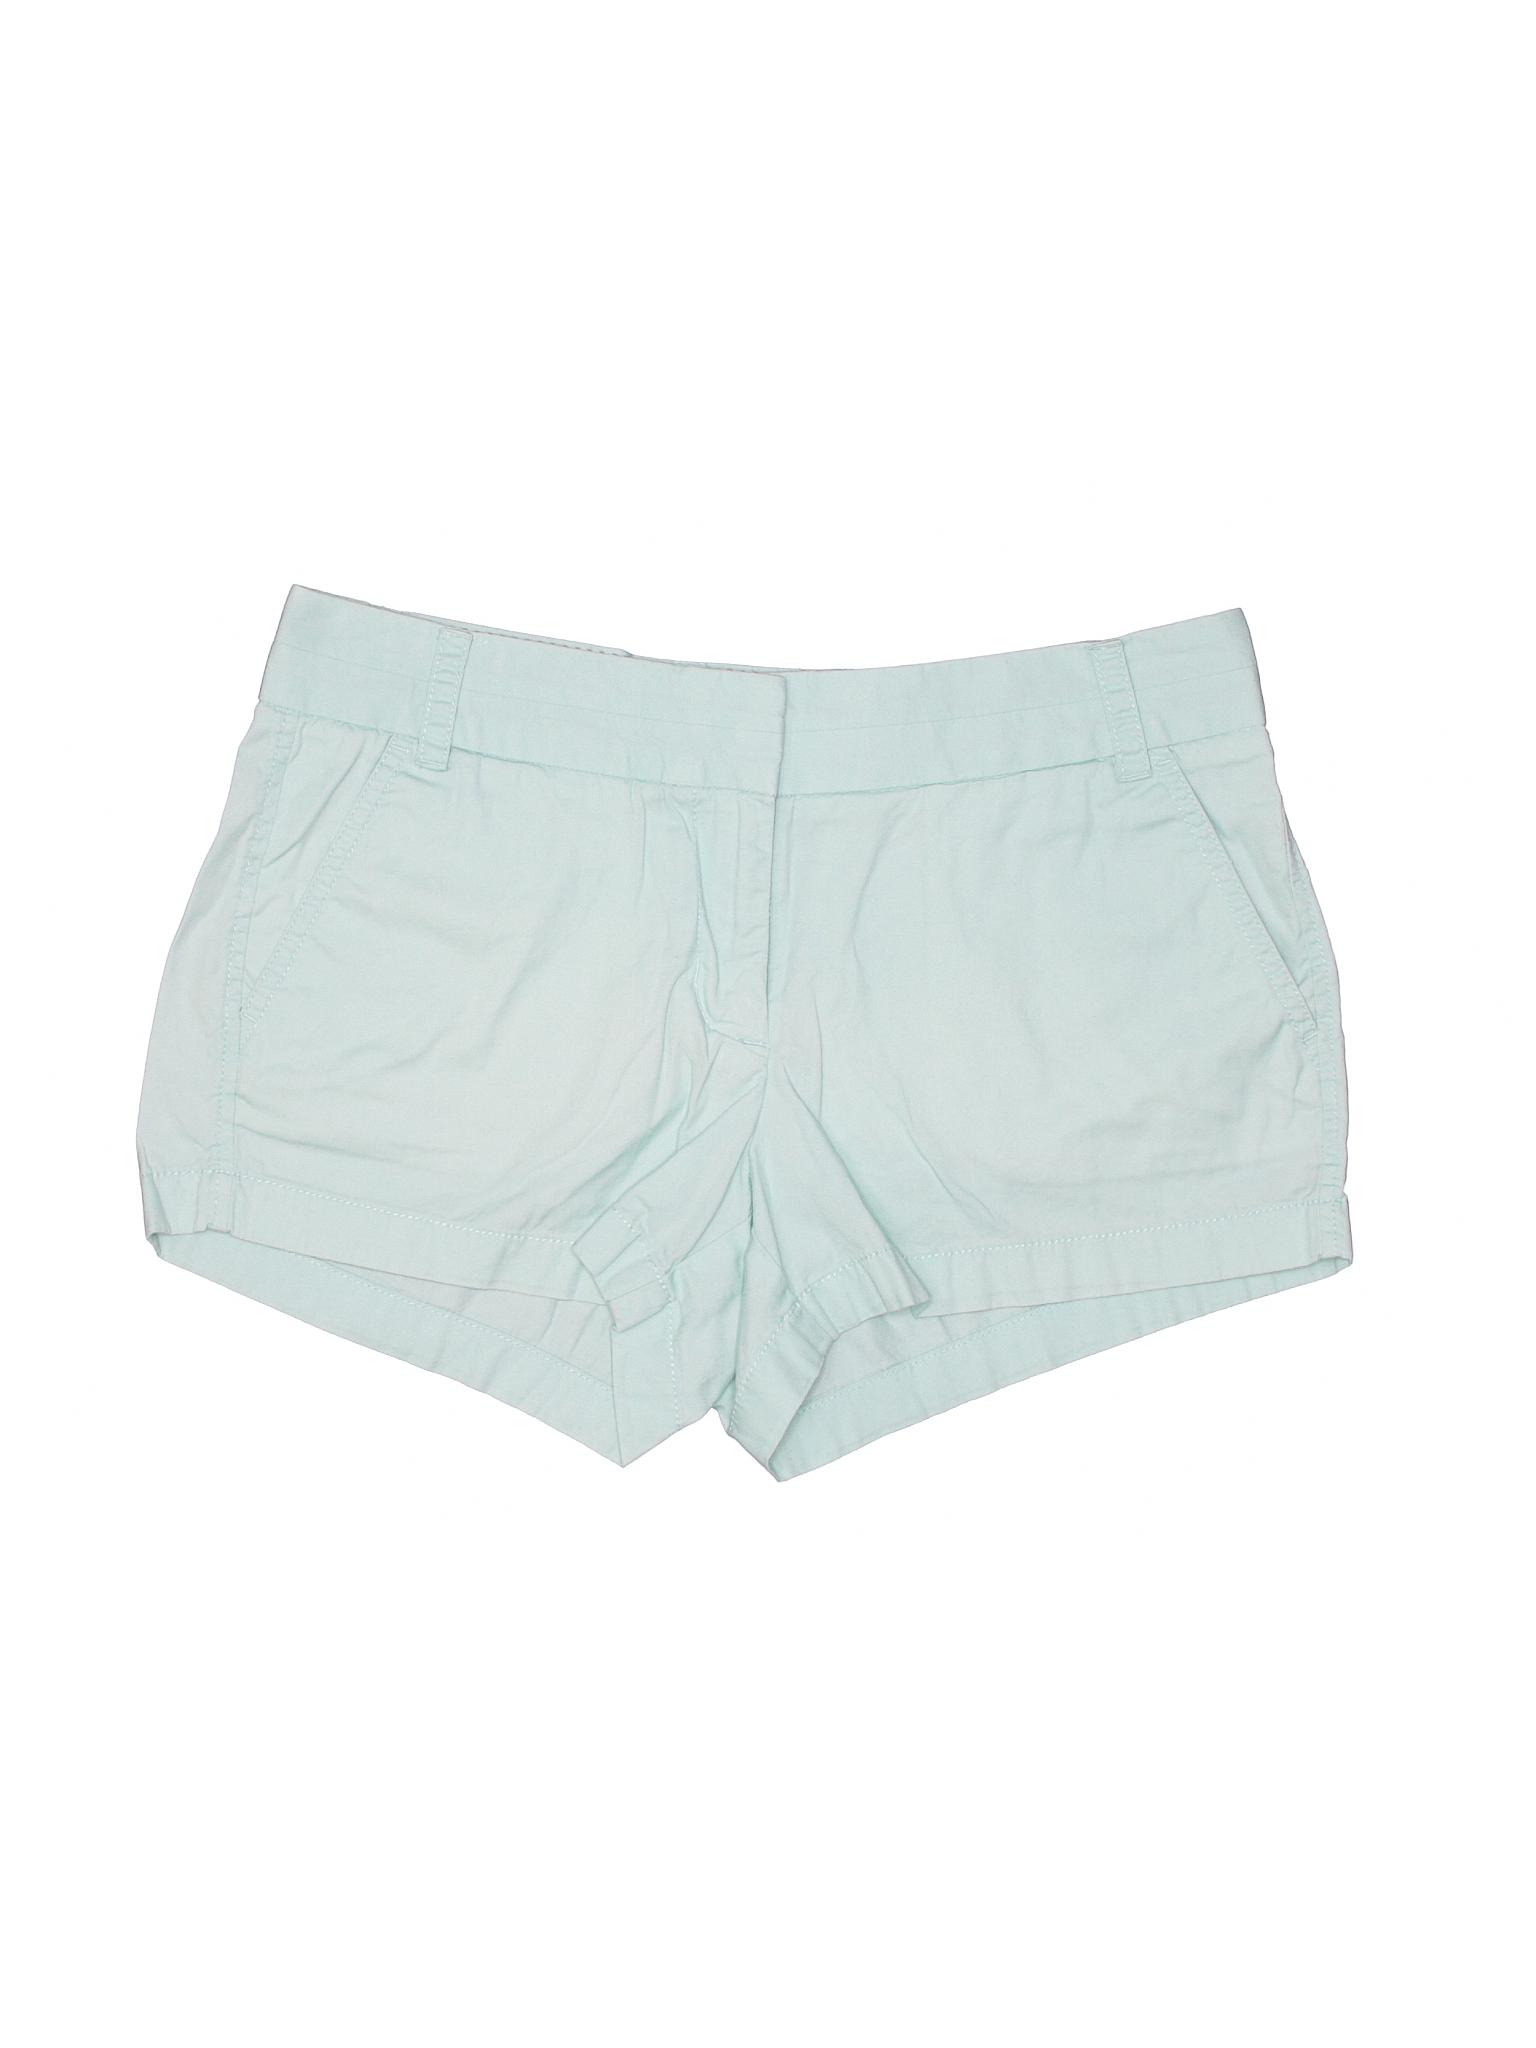 Crew Shorts Khaki leisure Boutique J wIqxZ1pE